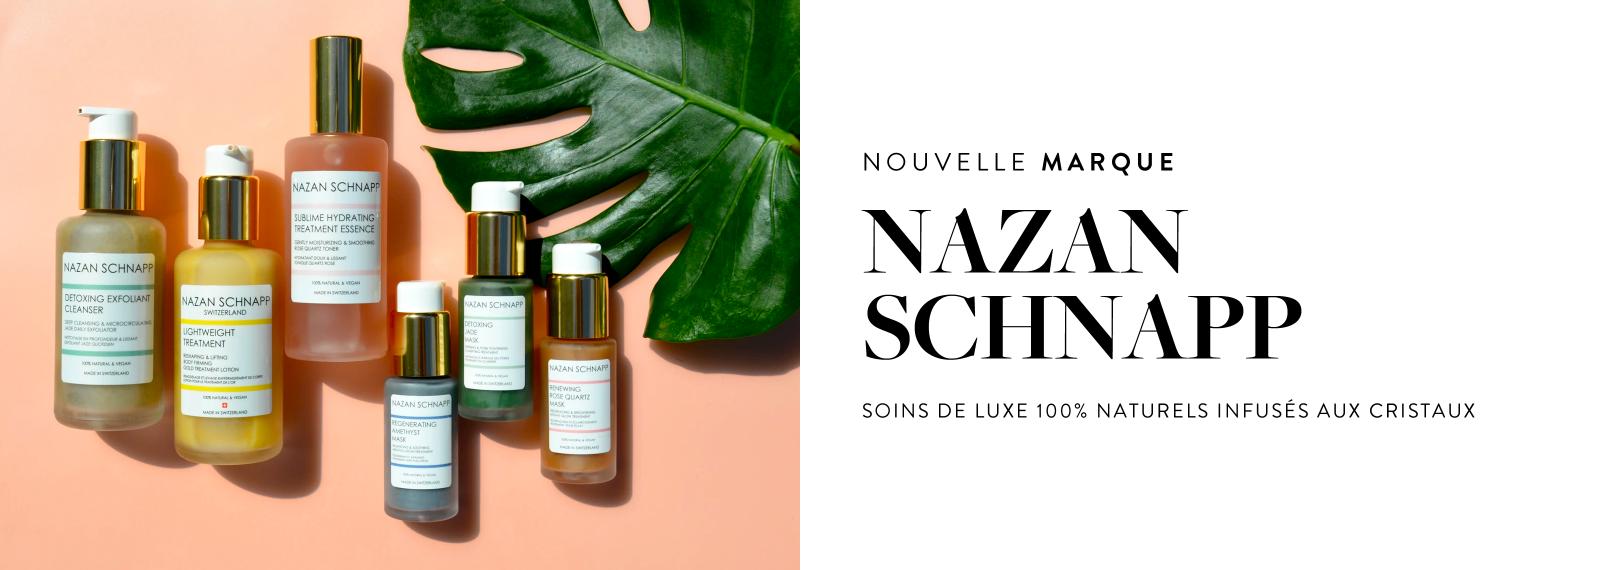 Nouvelle Marque - NAZAN SCHNAPP